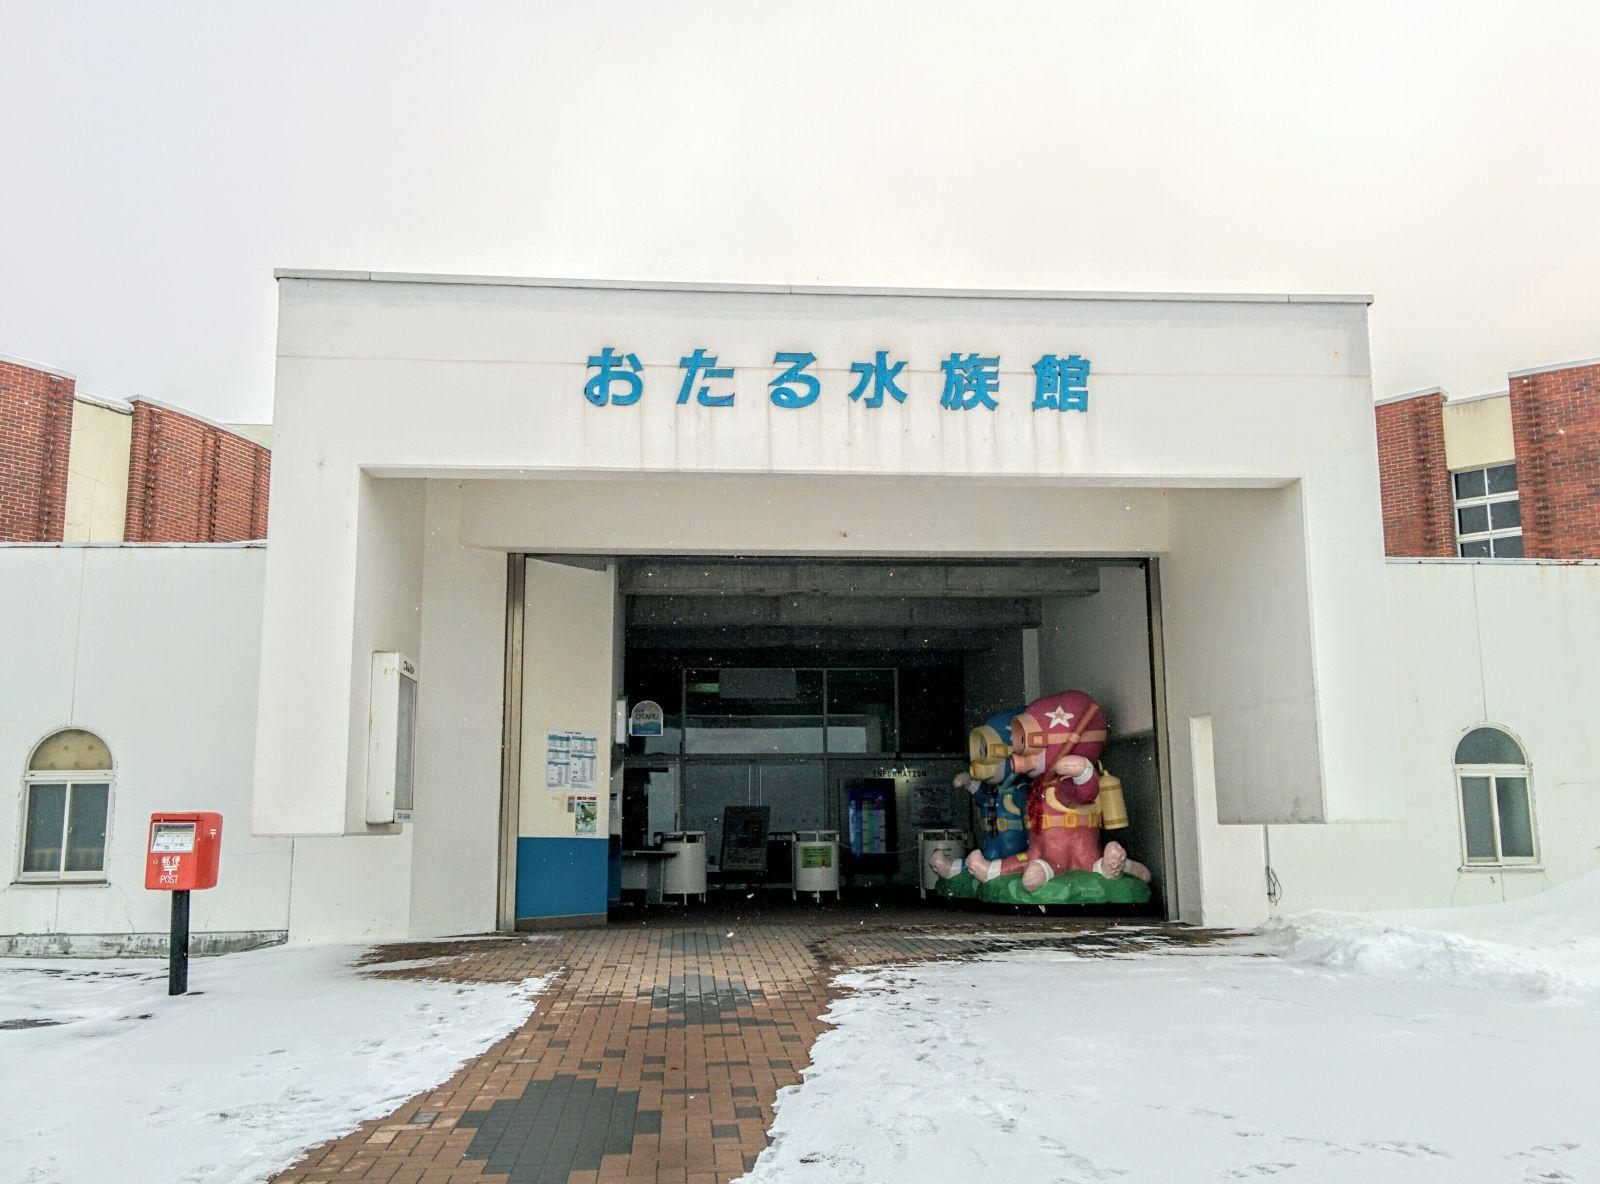 【小樽】冬の小樽水族館観光タクシーです。